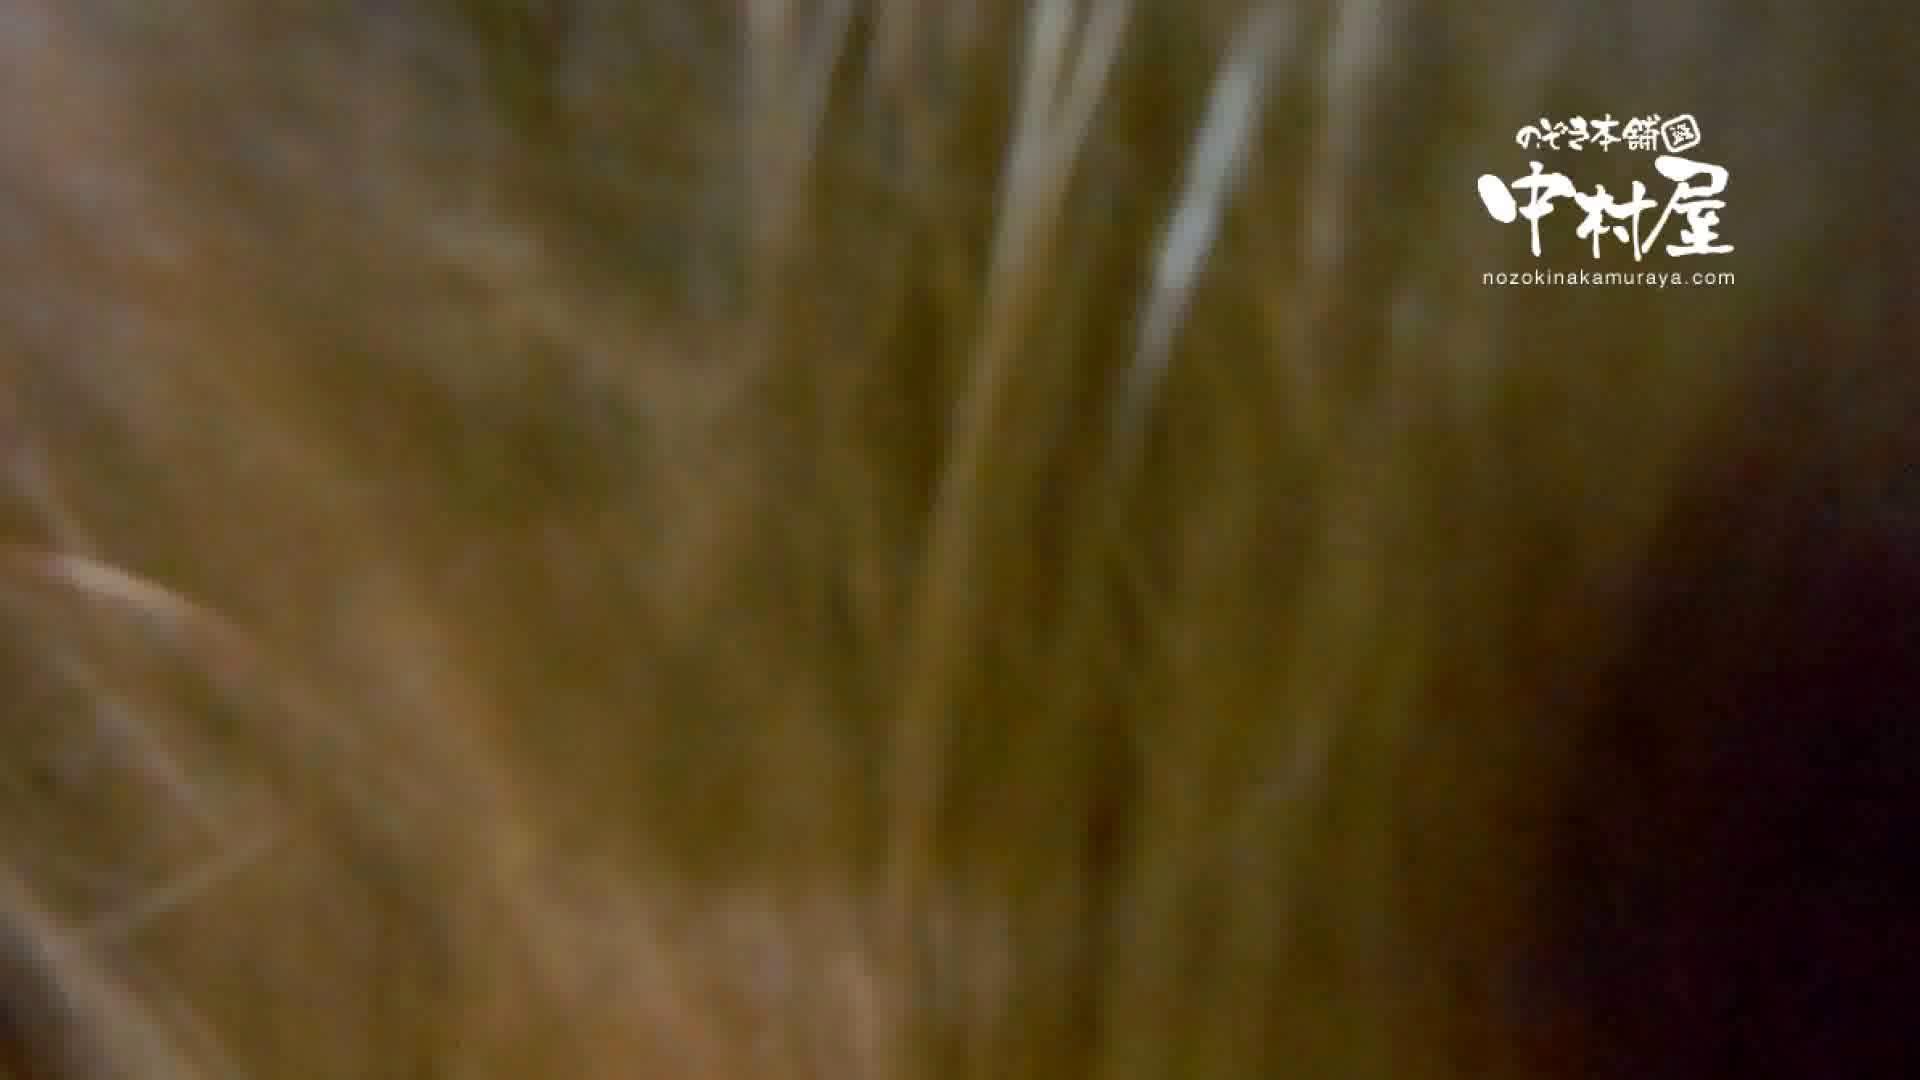 鬼畜 vol.16 実はマンざらでもない柔らかおっぱいちゃん 前編 おっぱい 盗撮動画紹介 95PIX 71